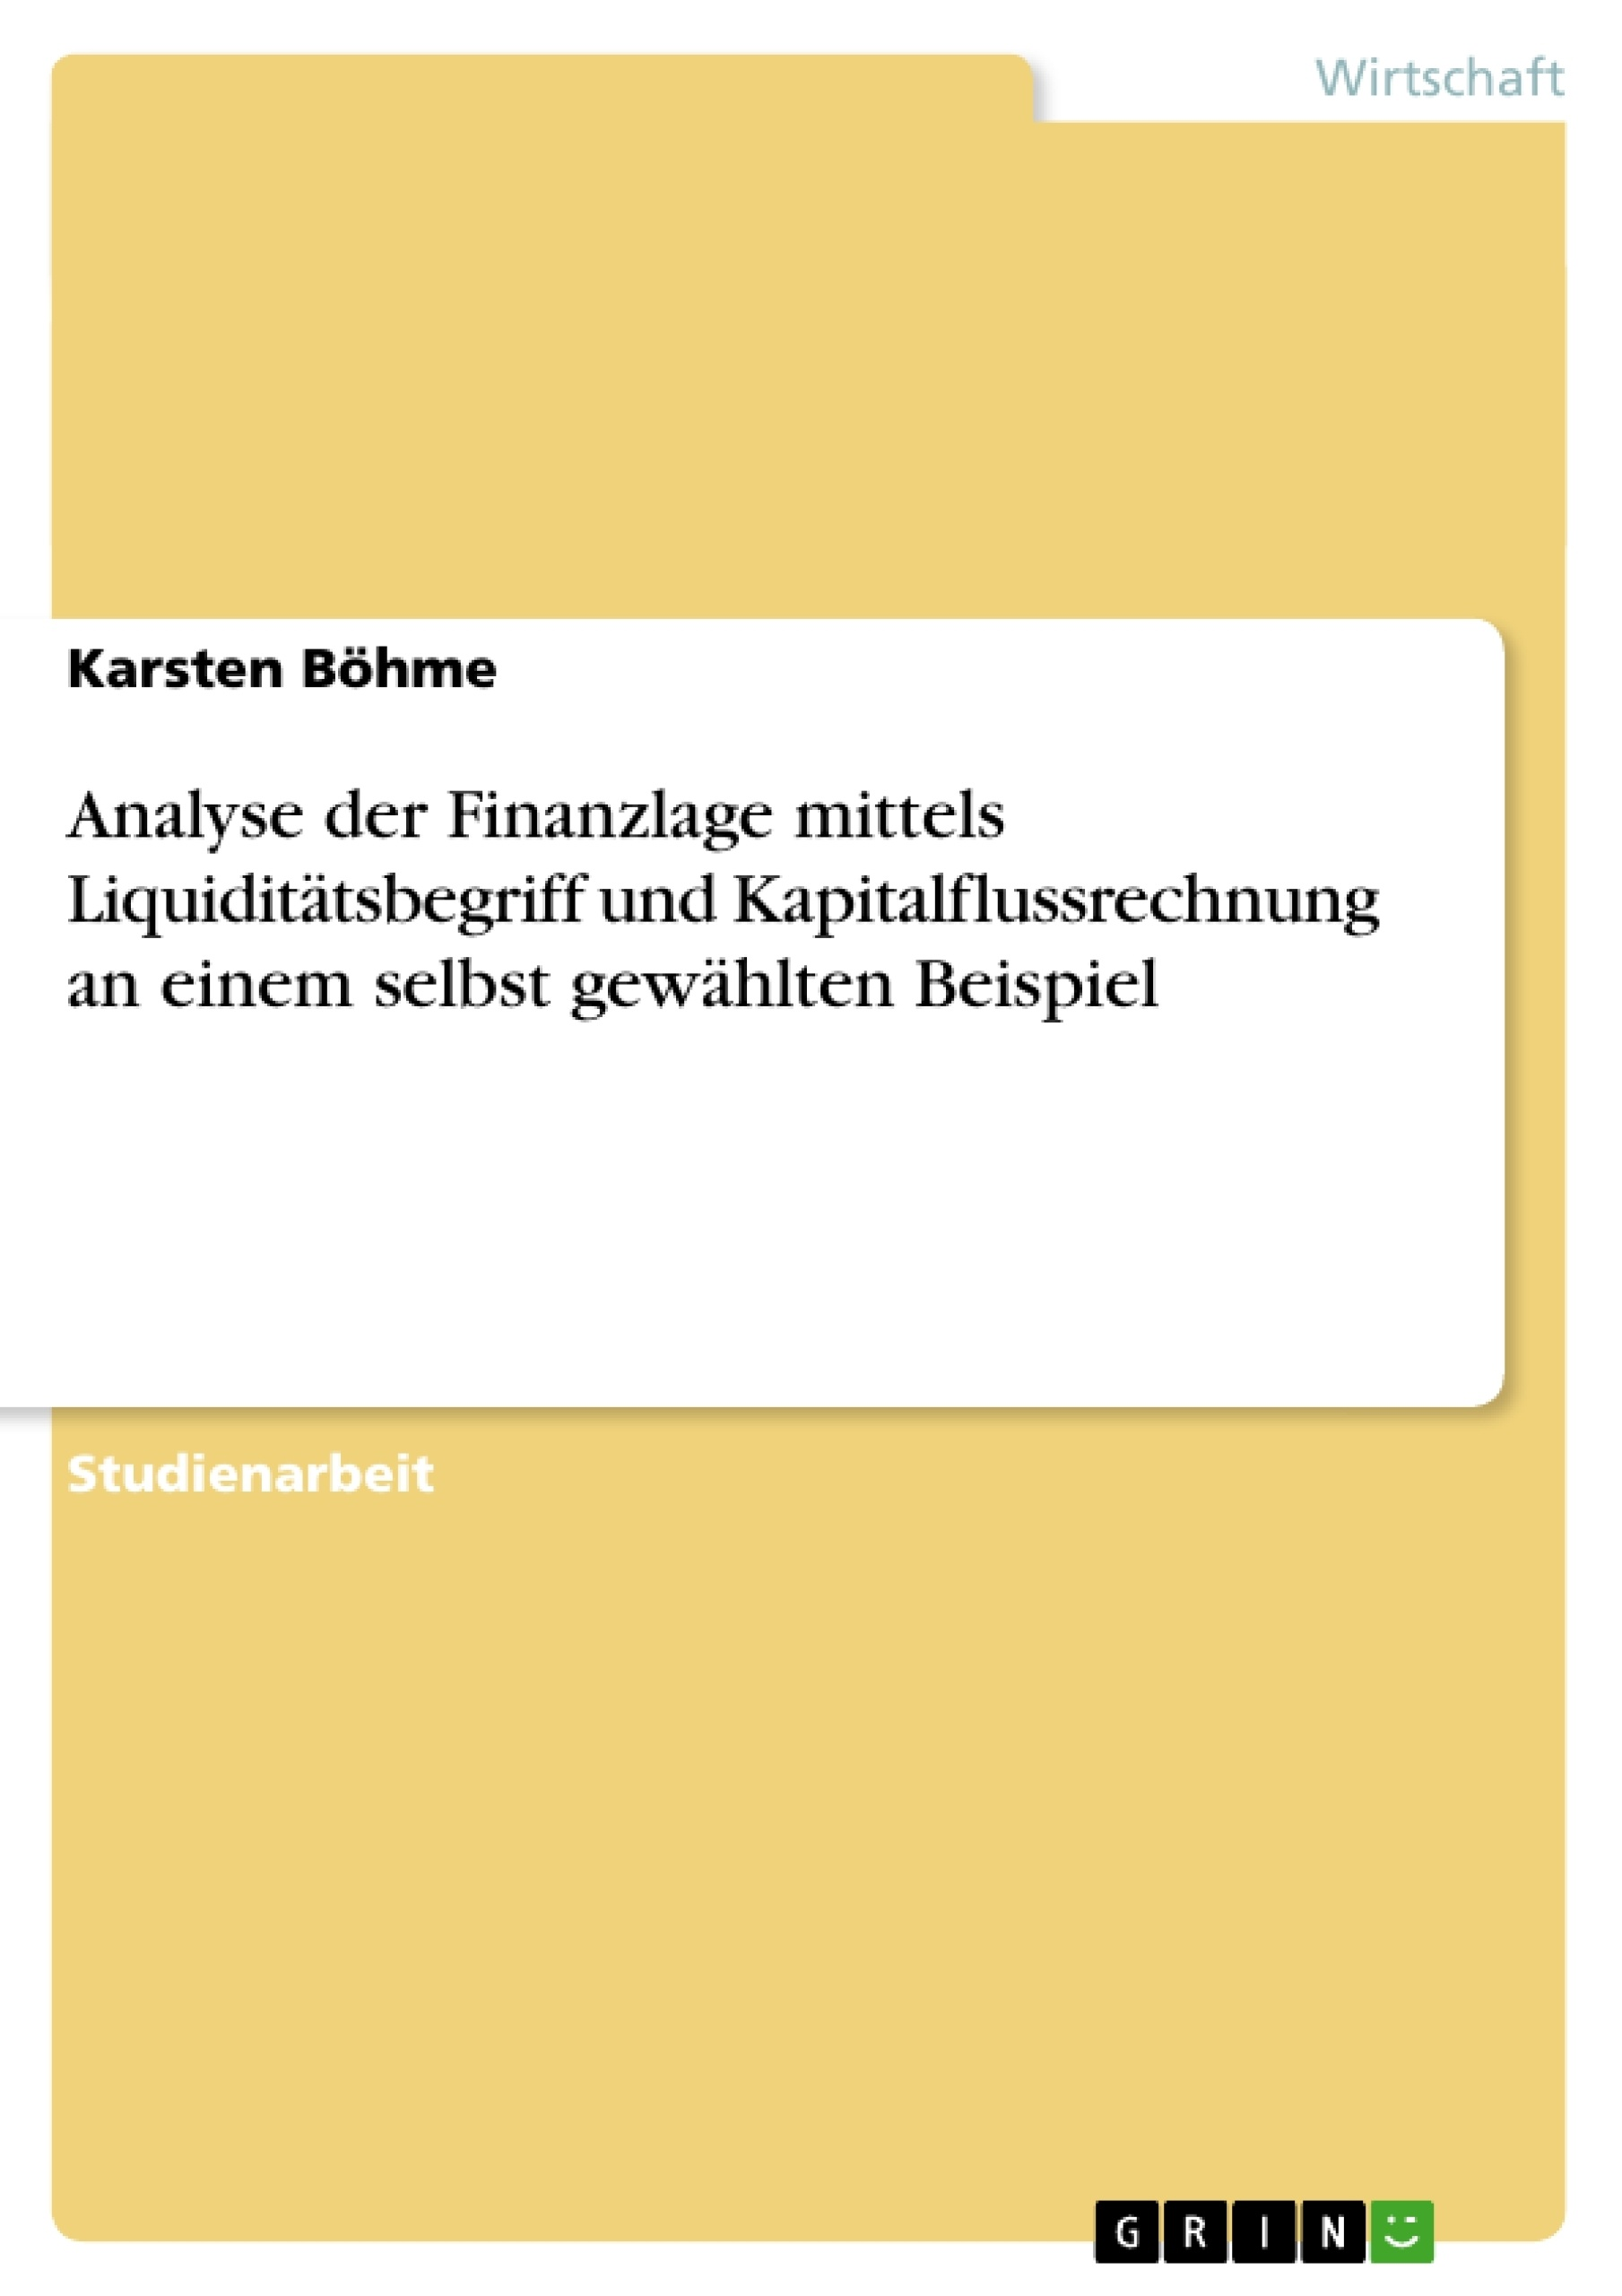 Titel: Analyse der Finanzlage mittels Liquiditätsbegriff und Kapitalflussrechnung an einem selbst gewählten Beispiel